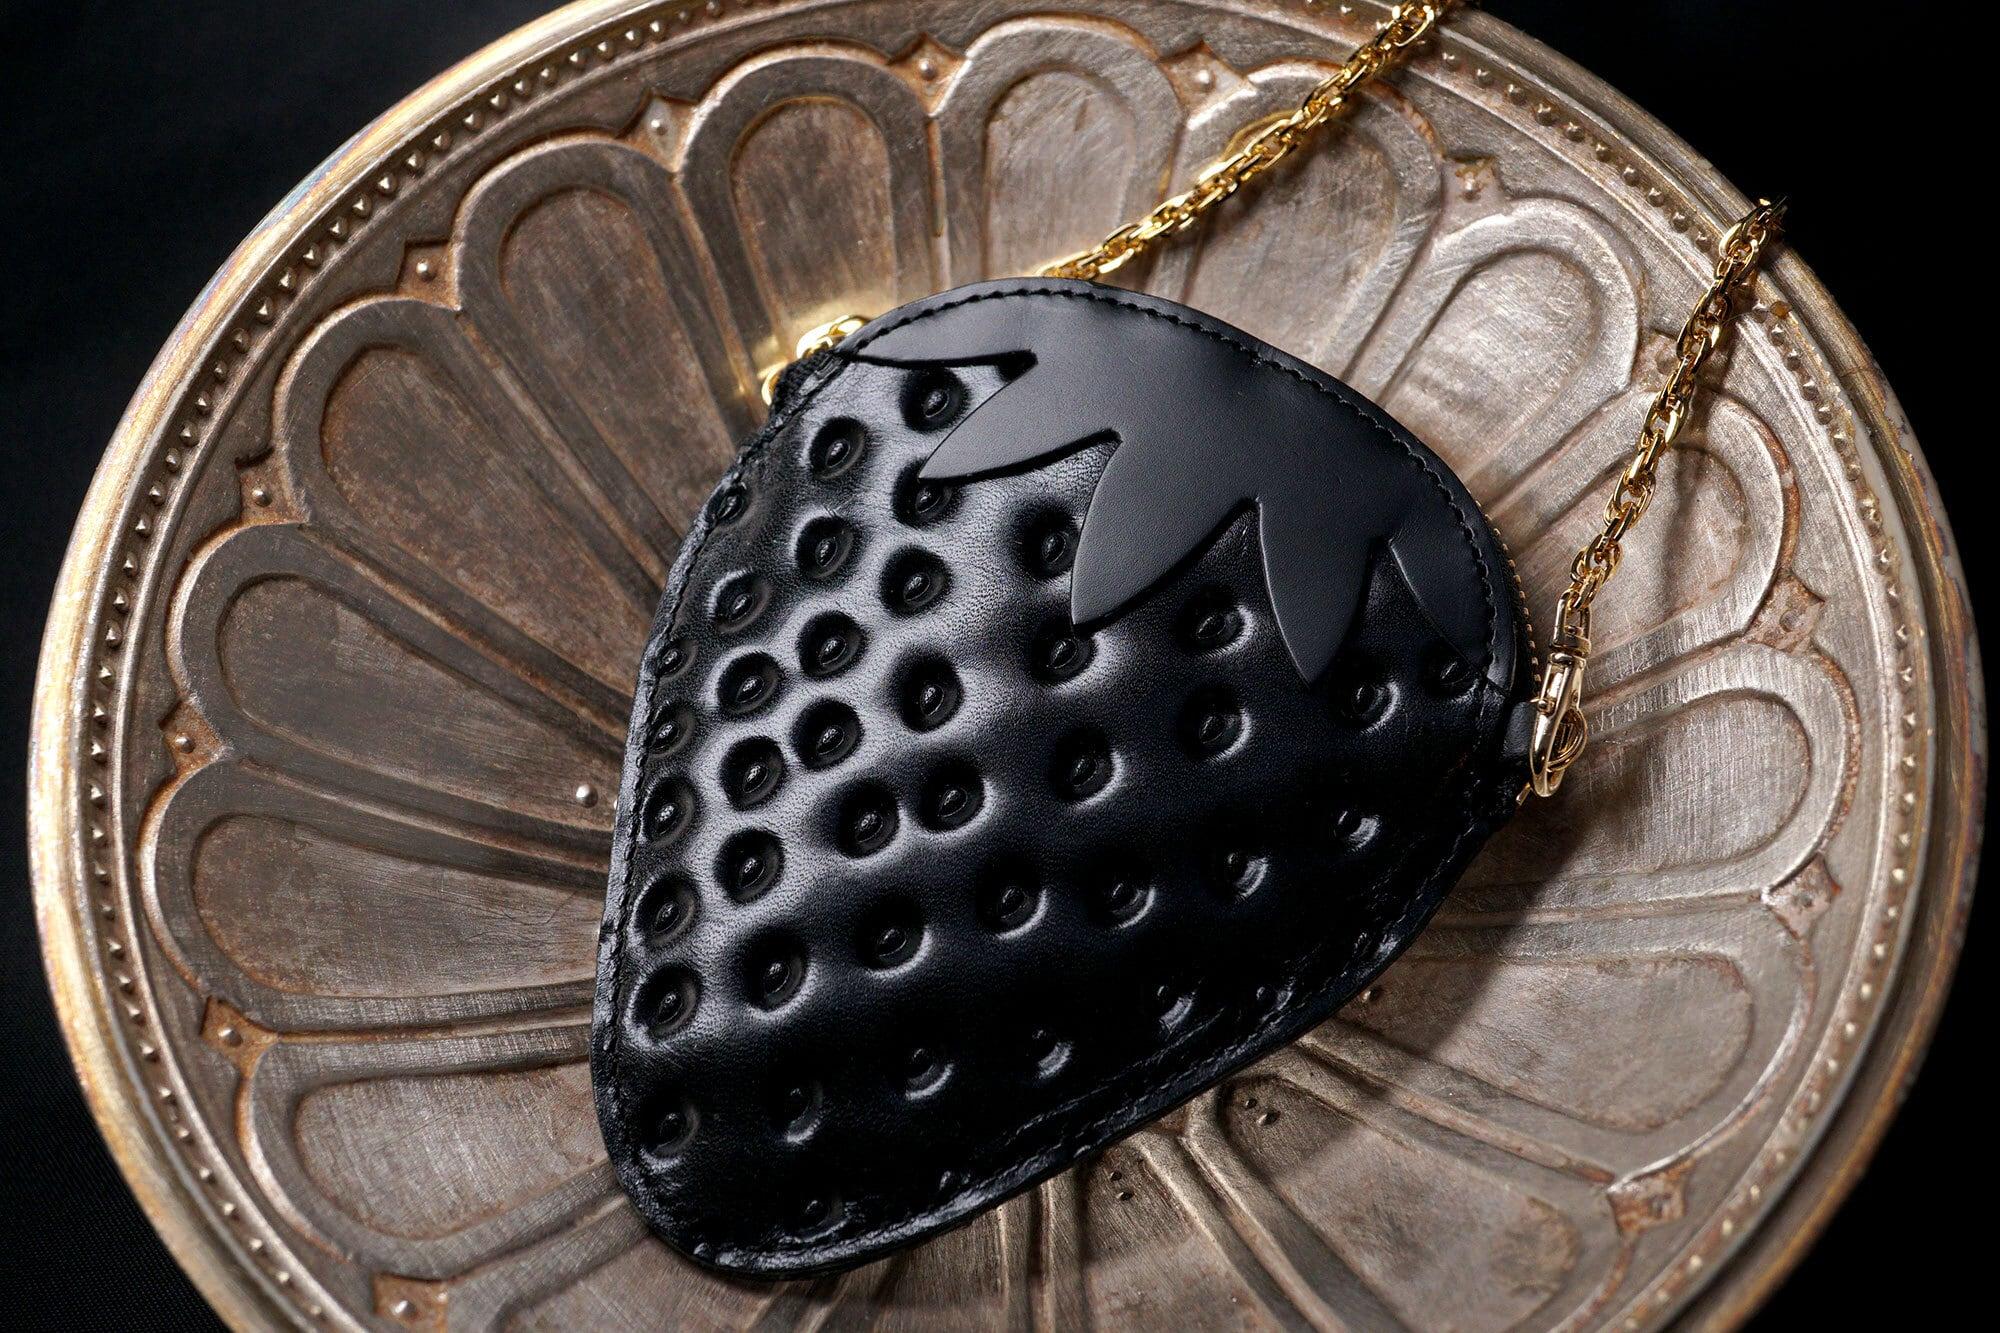 「スイカ」が入るヘタ付き黒いちご(牛革製コイン&パスケース)